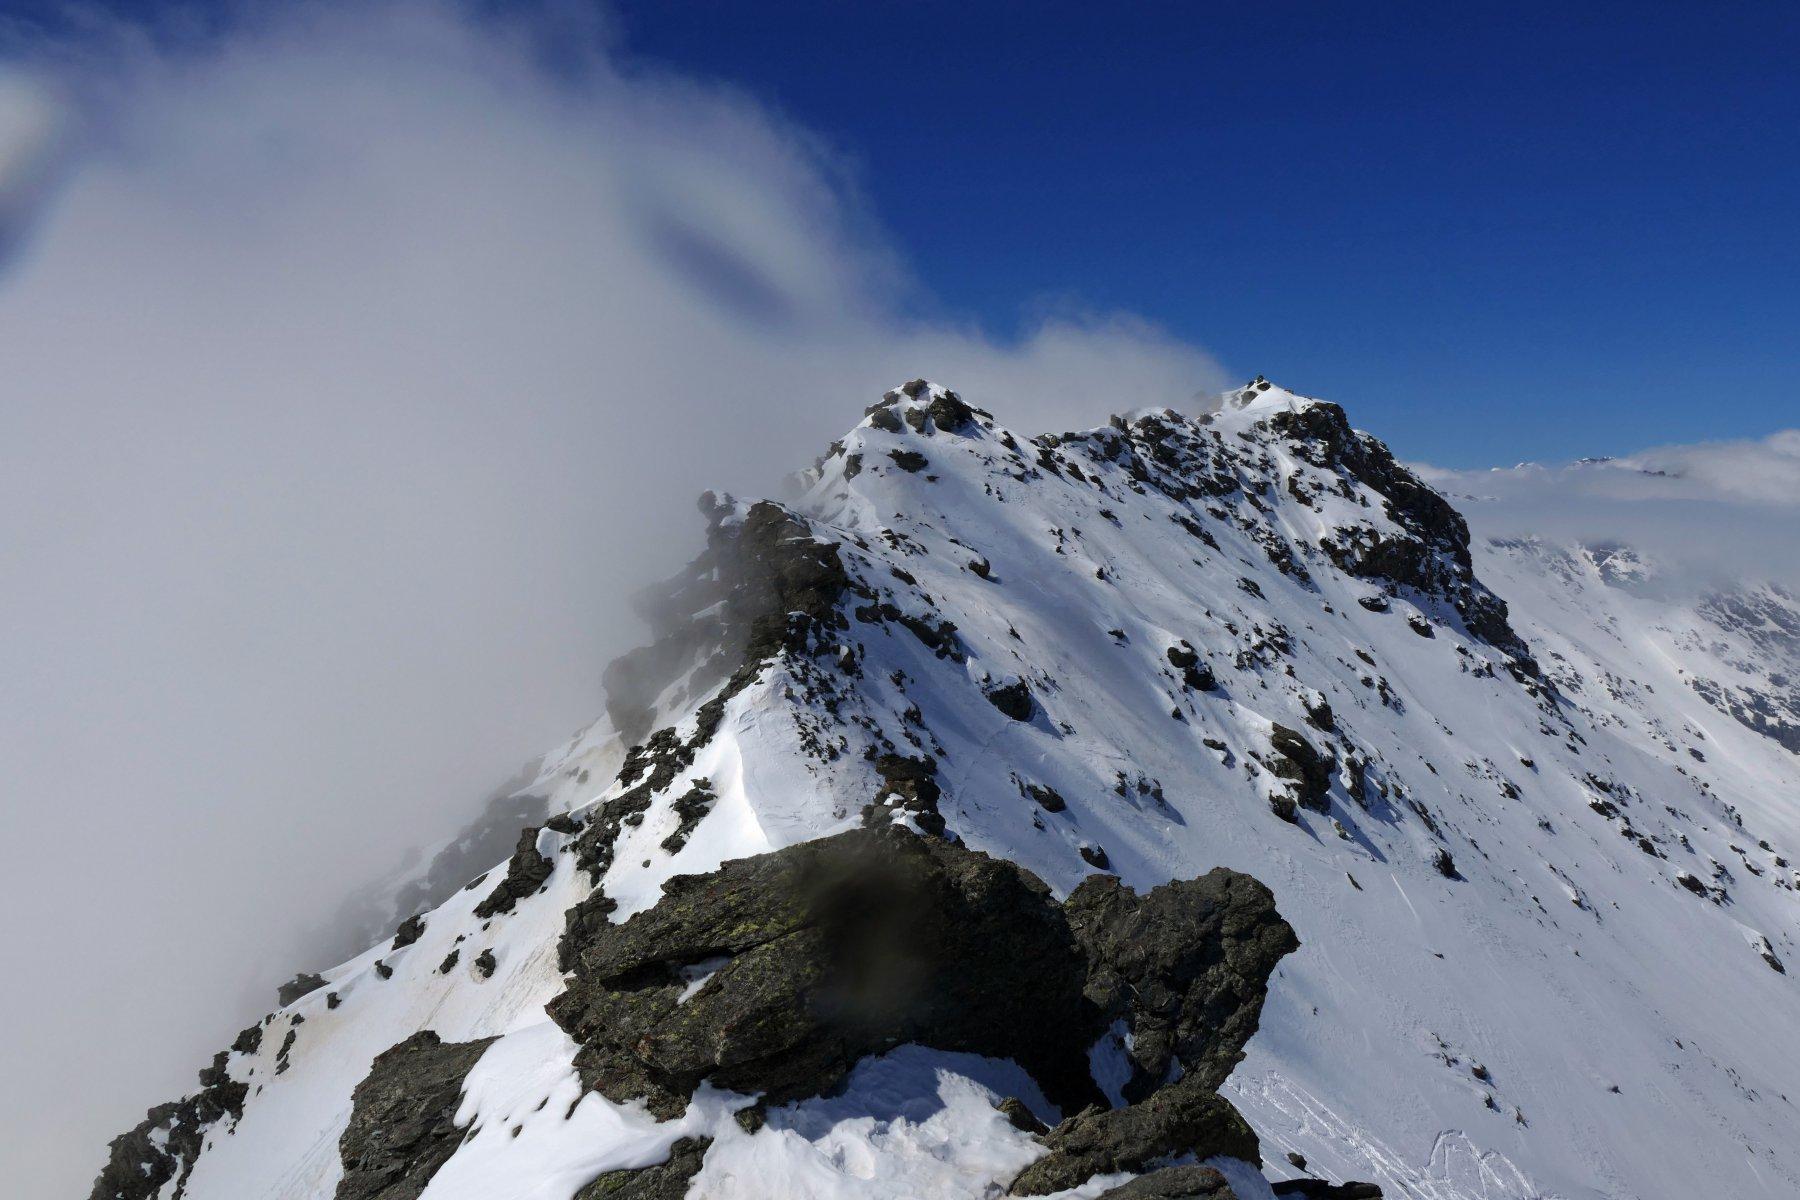 La cresta che porta alla punta Valfredda e le nubi incombenti